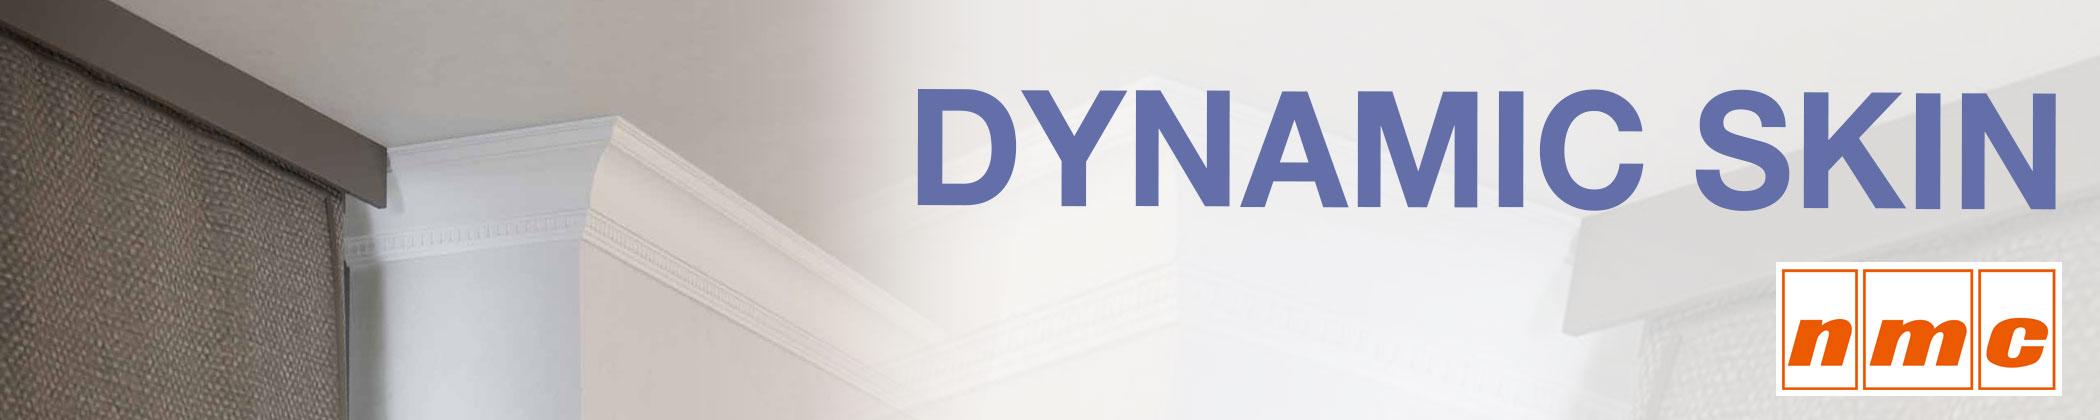 DynamicSkin - DYNAMIC SKIN